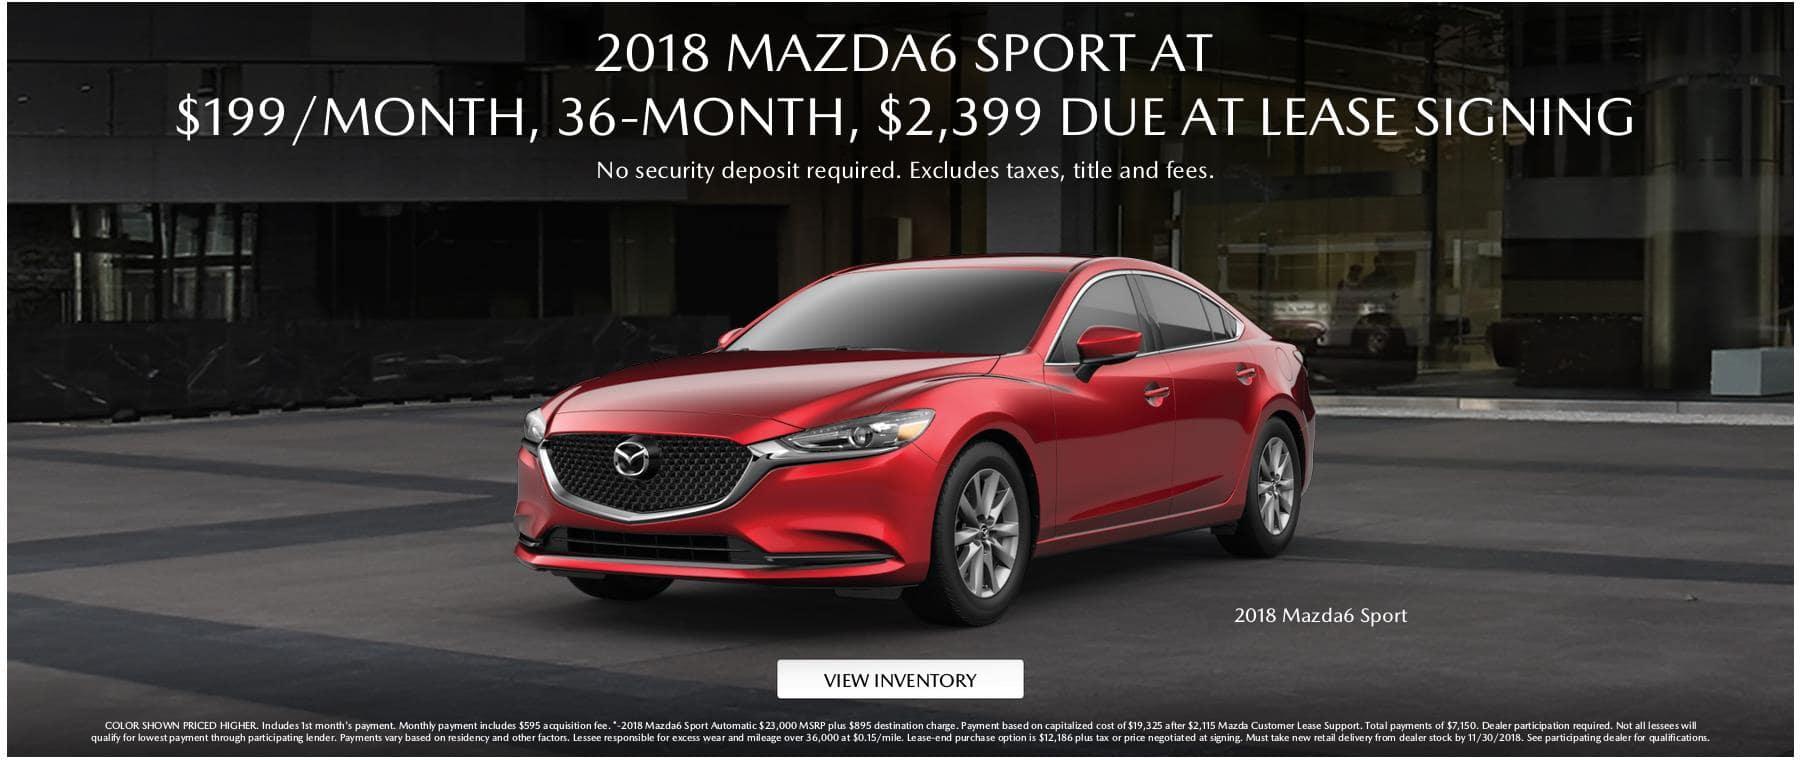 2018 Mazda6 Sport 199m_36m_2399